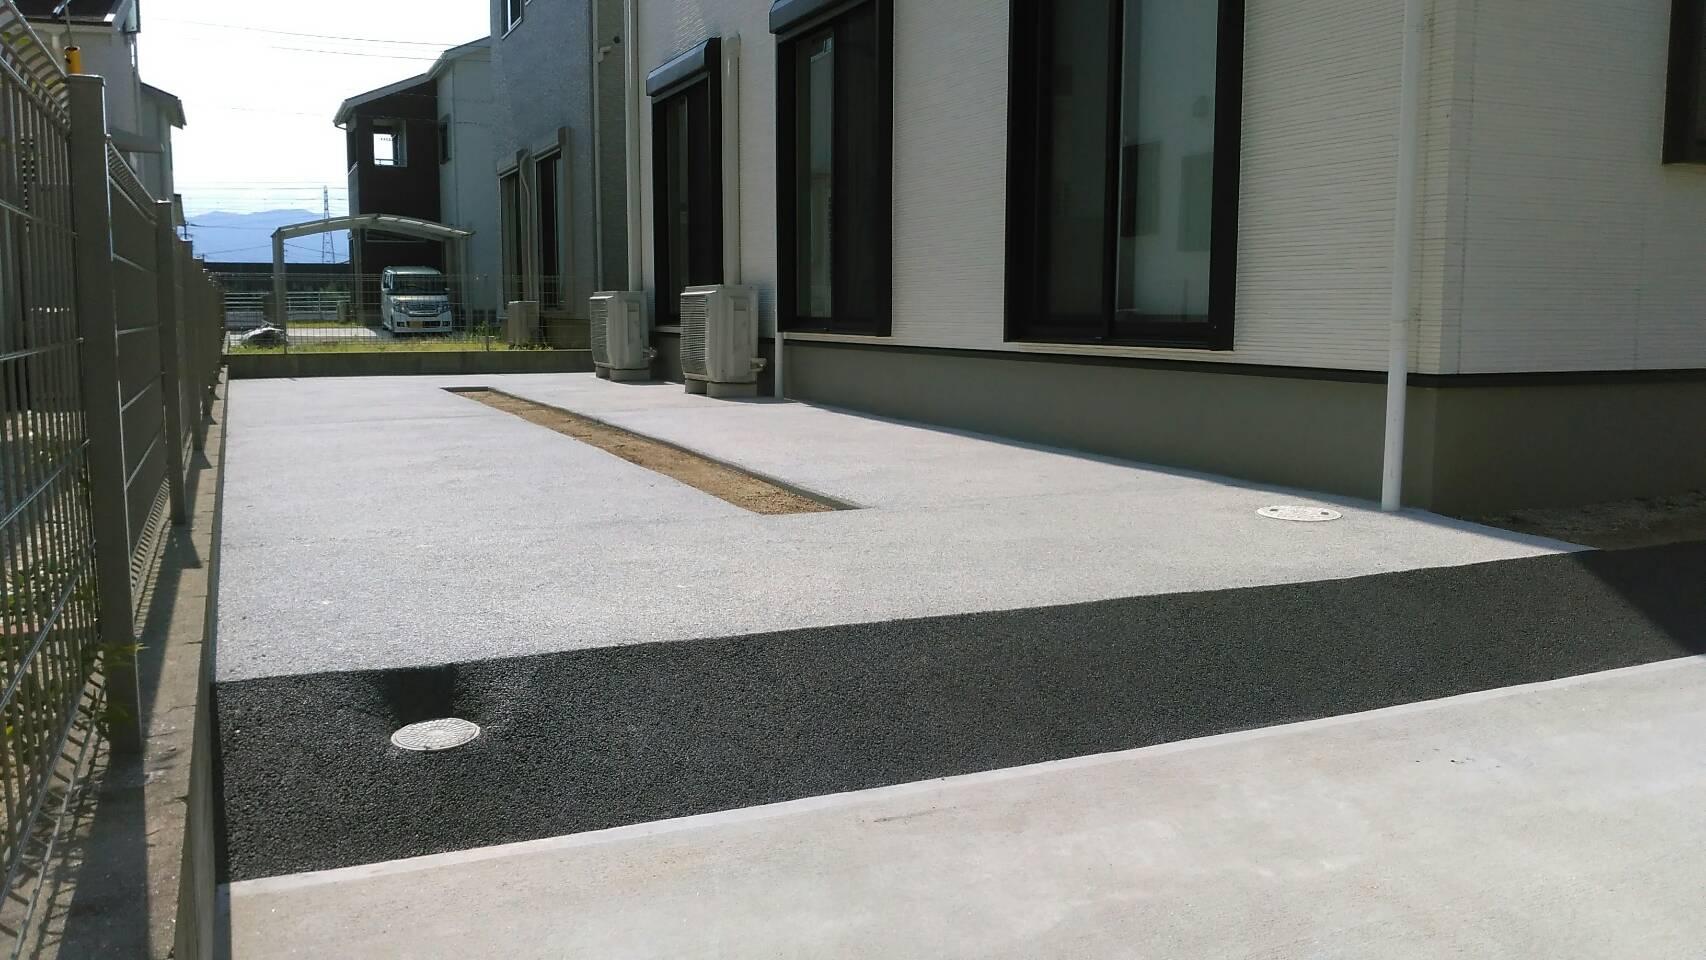 8/1施工 行橋市 M邸防草工事 裏庭をライトグレー、グレーで施工しました。